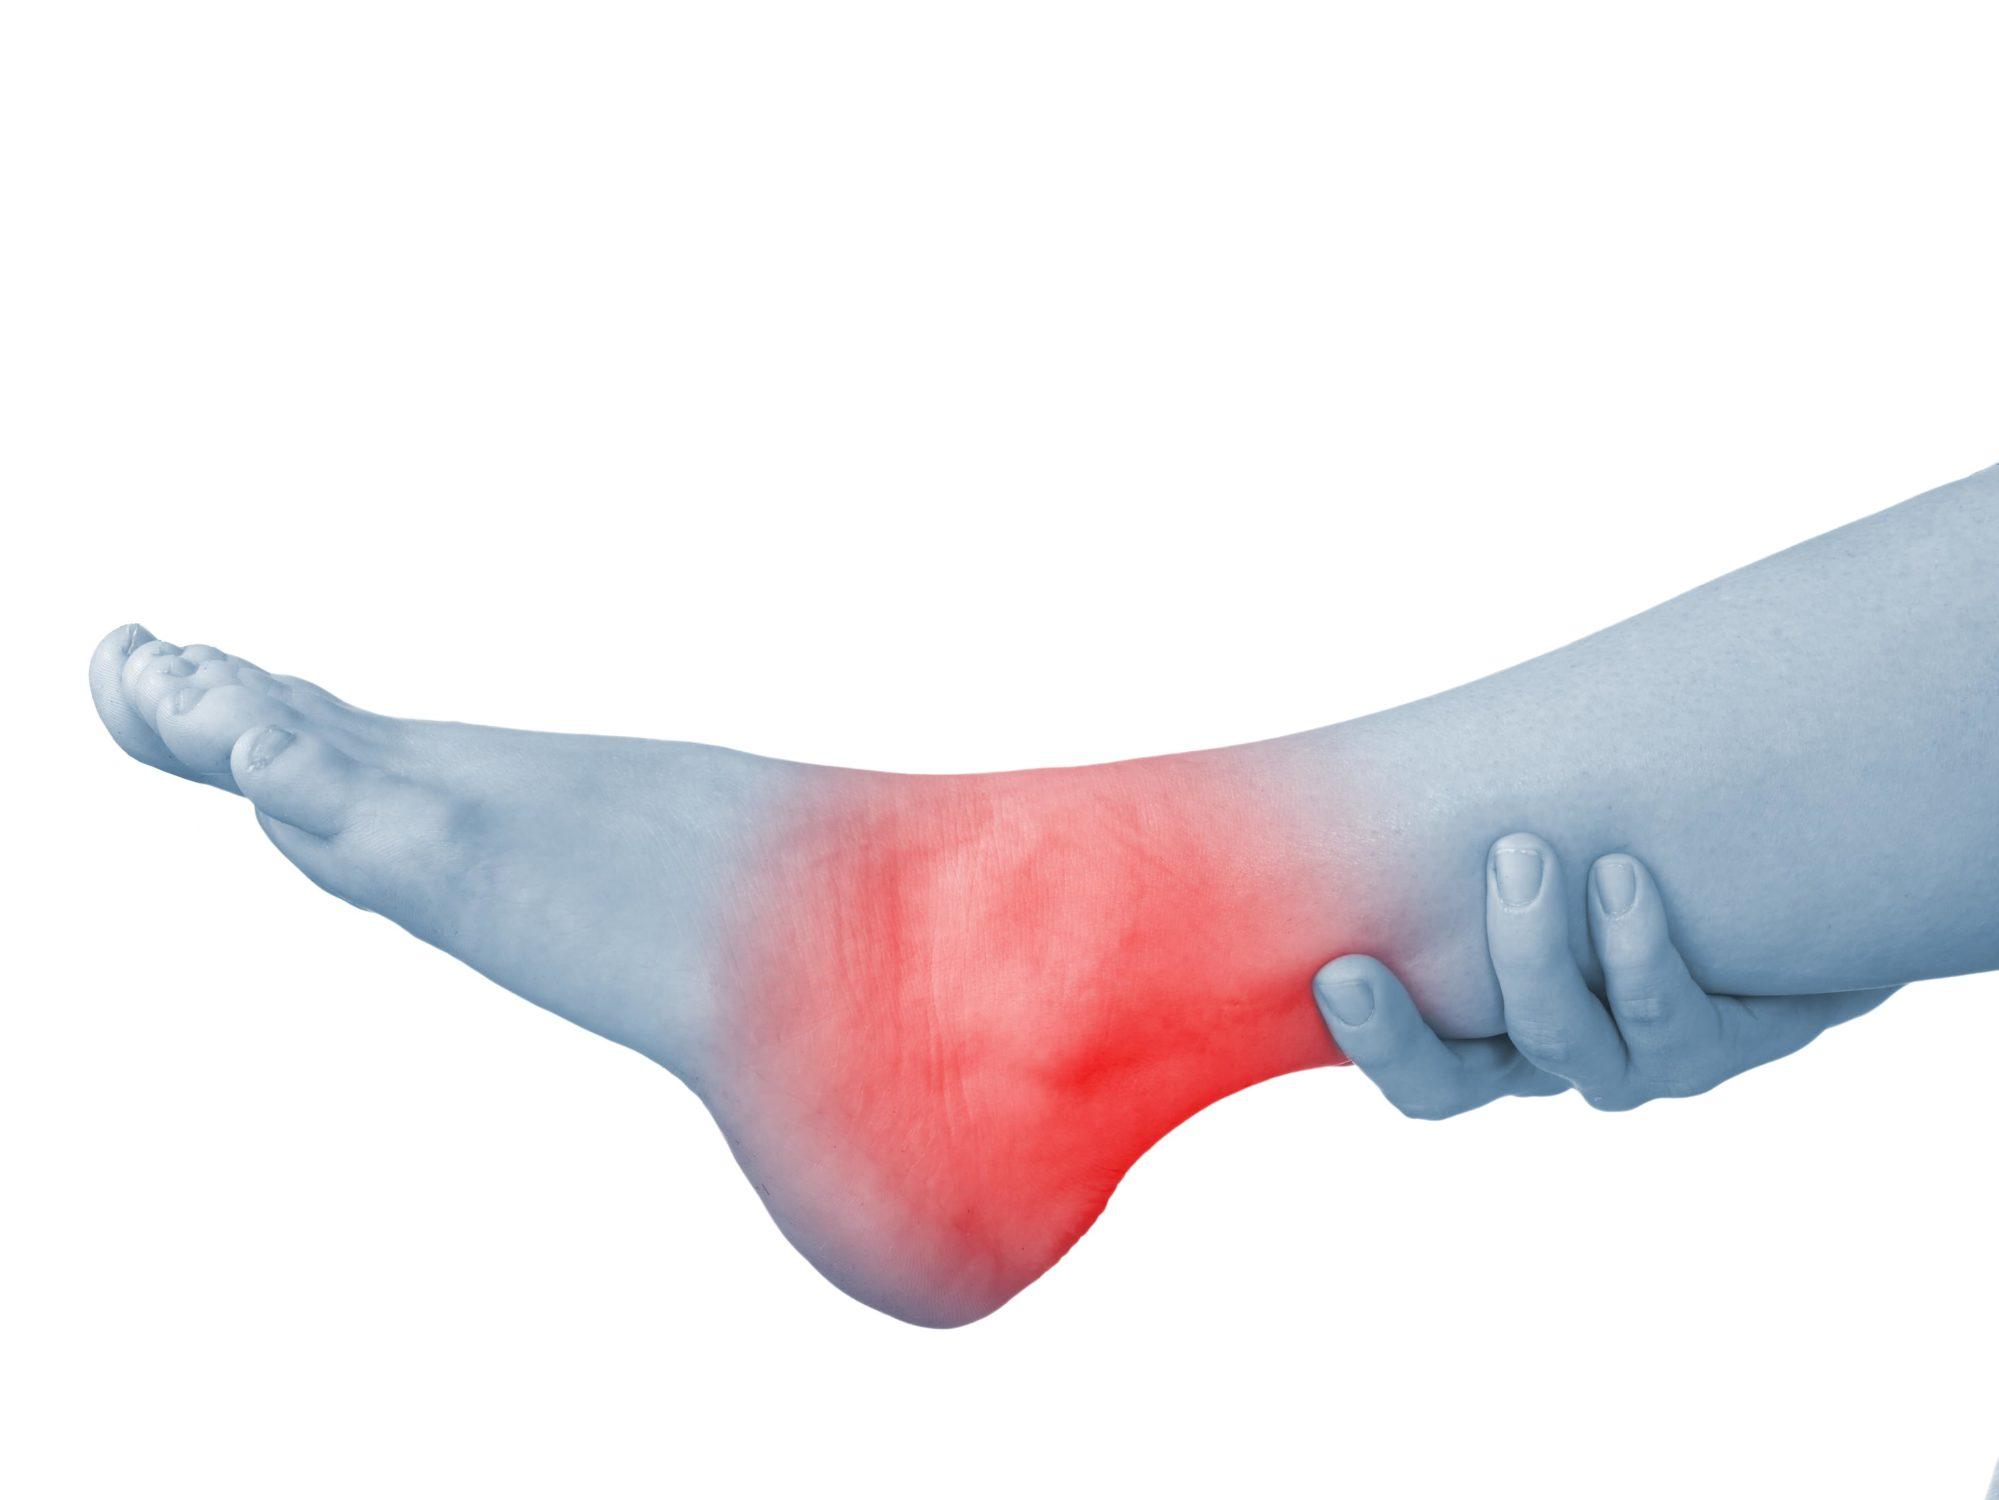 enkelpijn en enkelklacht laten behandelen in sport medisch centrum papendal